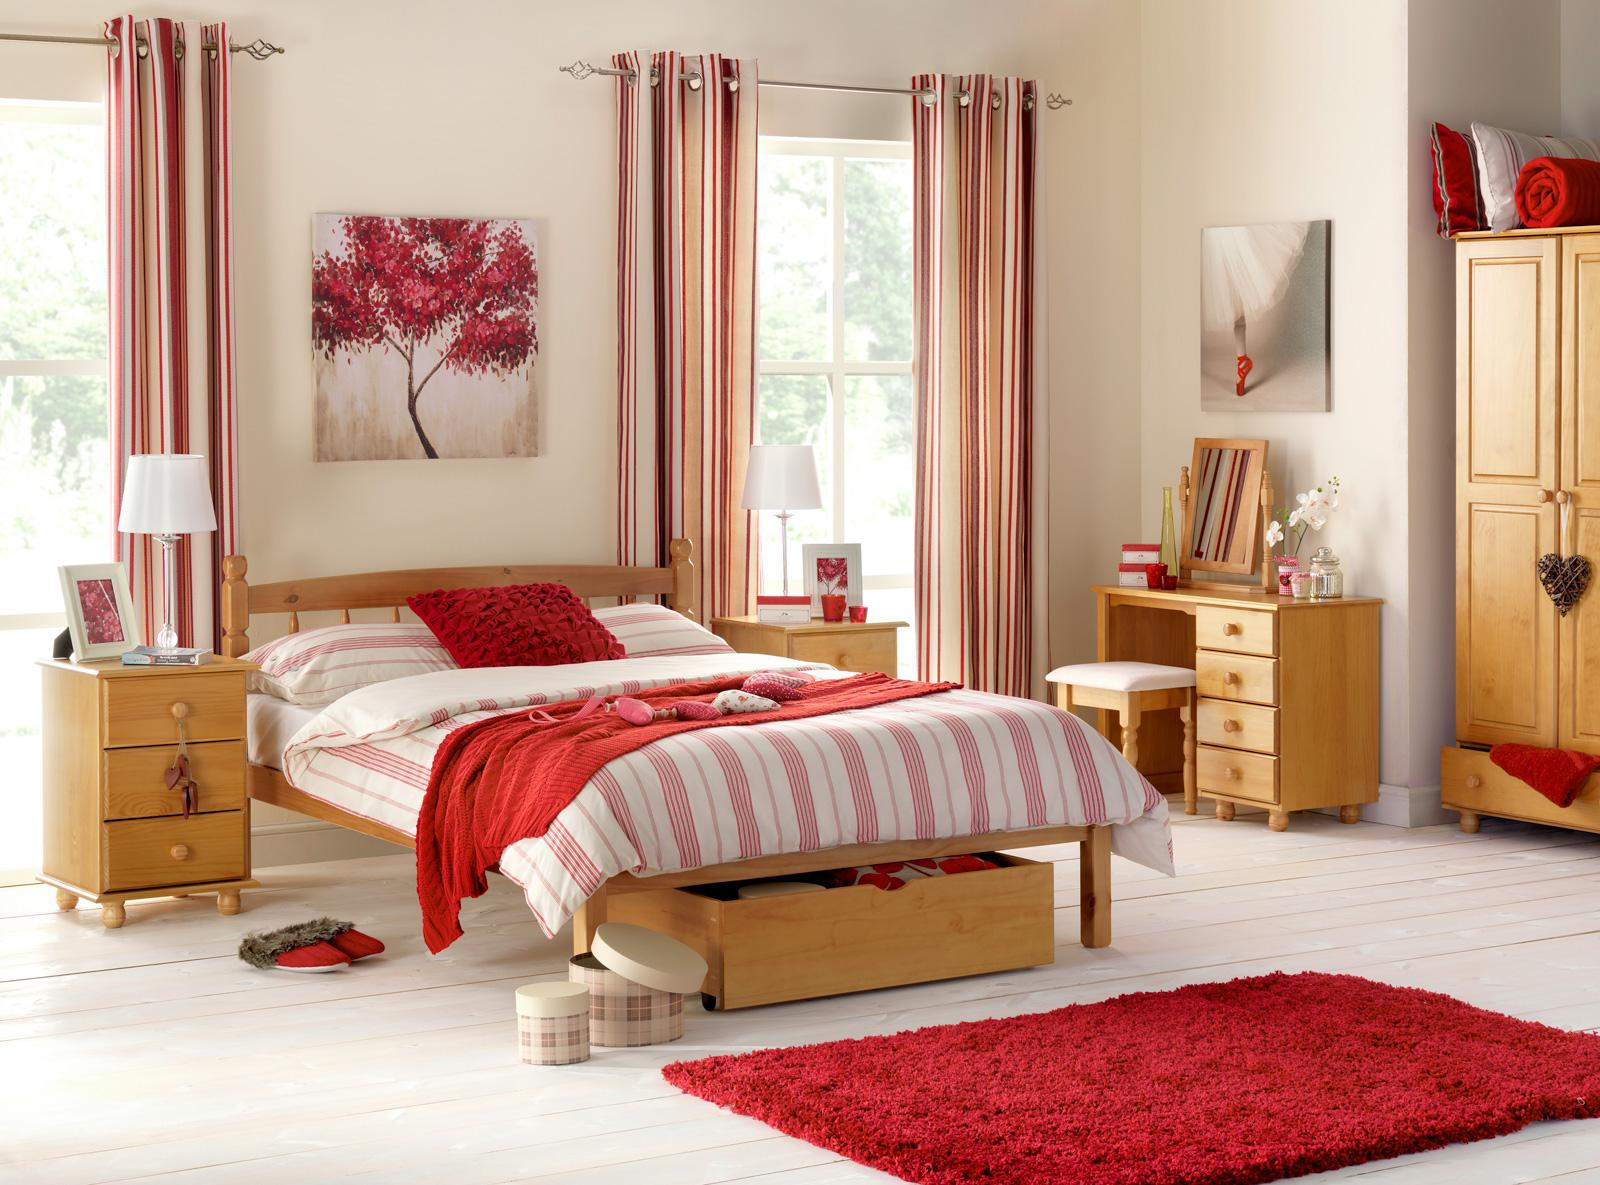 Liquid-Image-Bedroom-Set-04.jpg